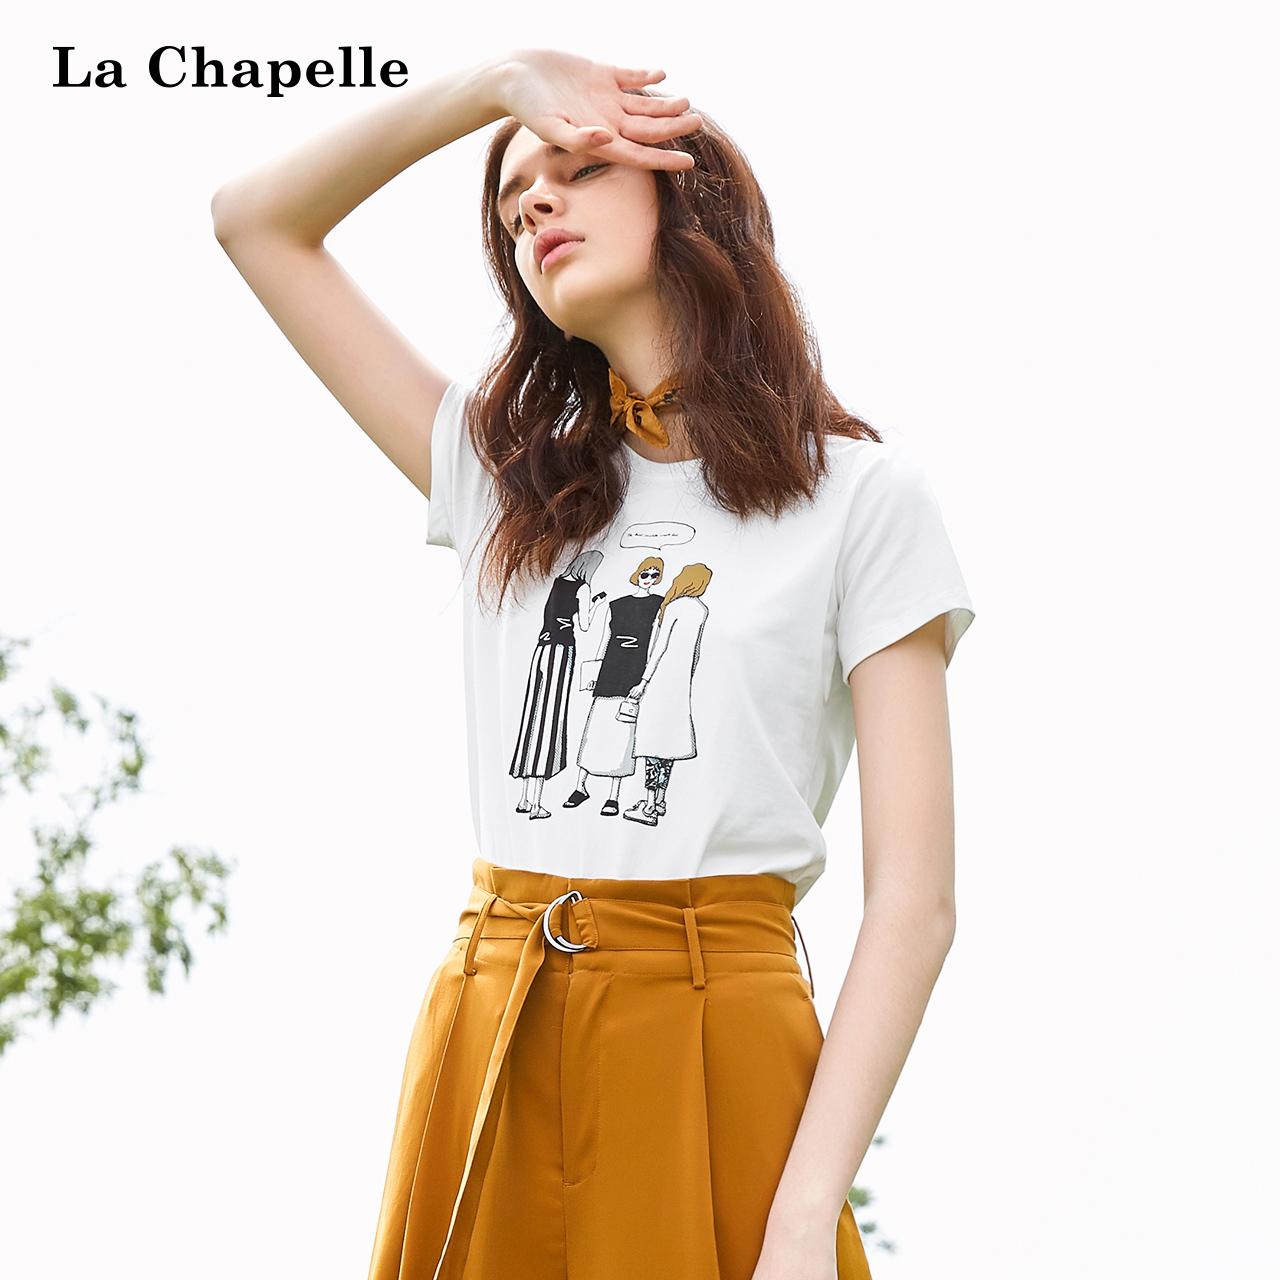 印花t恤女拉夏贝尔2018夏季亚博线上开户韩版修身上衣时尚百搭短袖打底衫